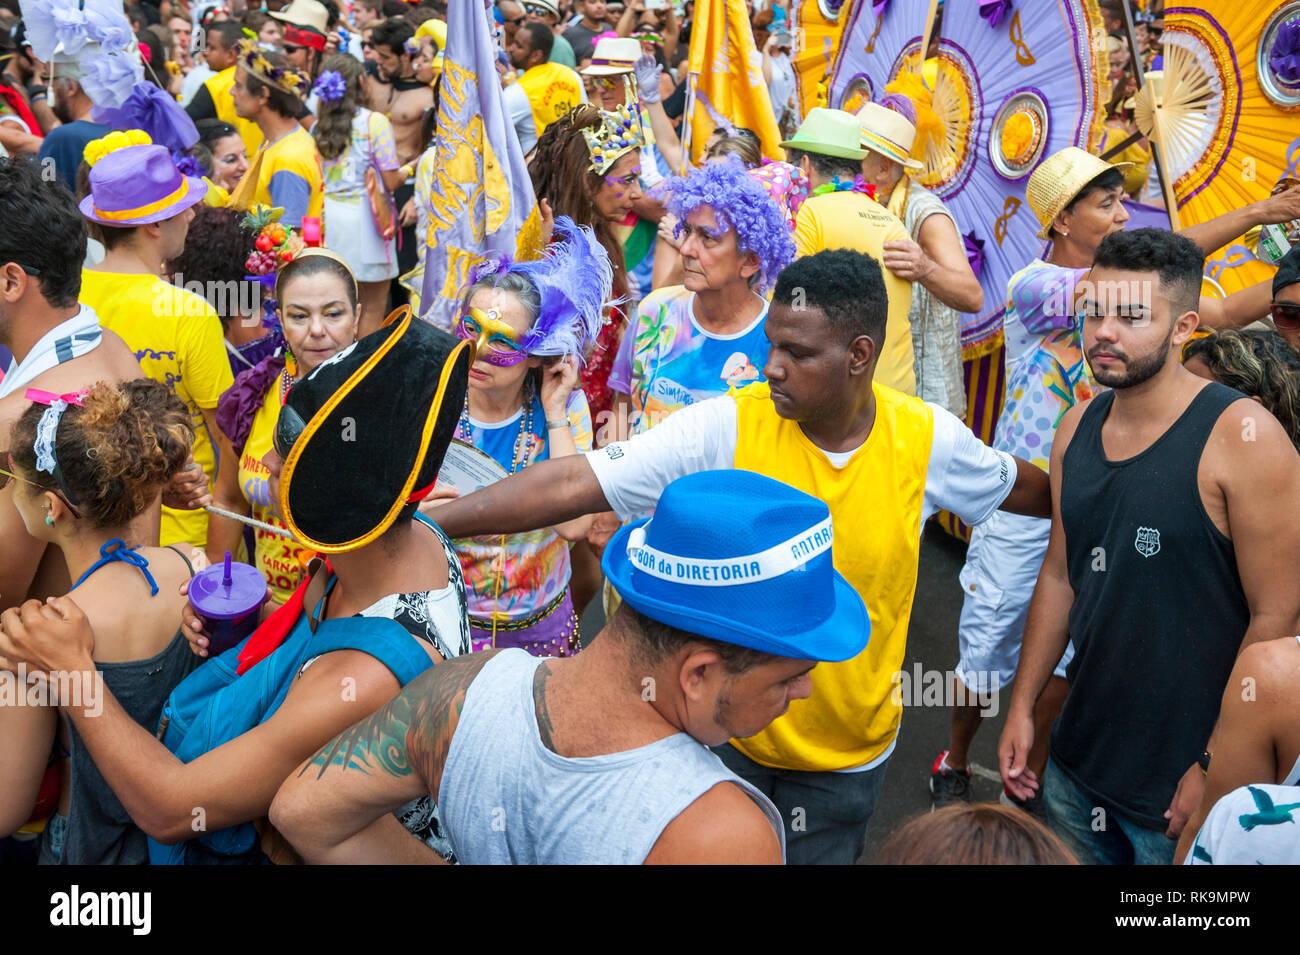 RIO DE JANEIRO - Febrero 28, 2017: los brasileños de todas las edades se disputan el espacio a Simpatia e quase Amor (simpatía es casi Amor) Carnival fiesta en la calle. Imagen De Stock